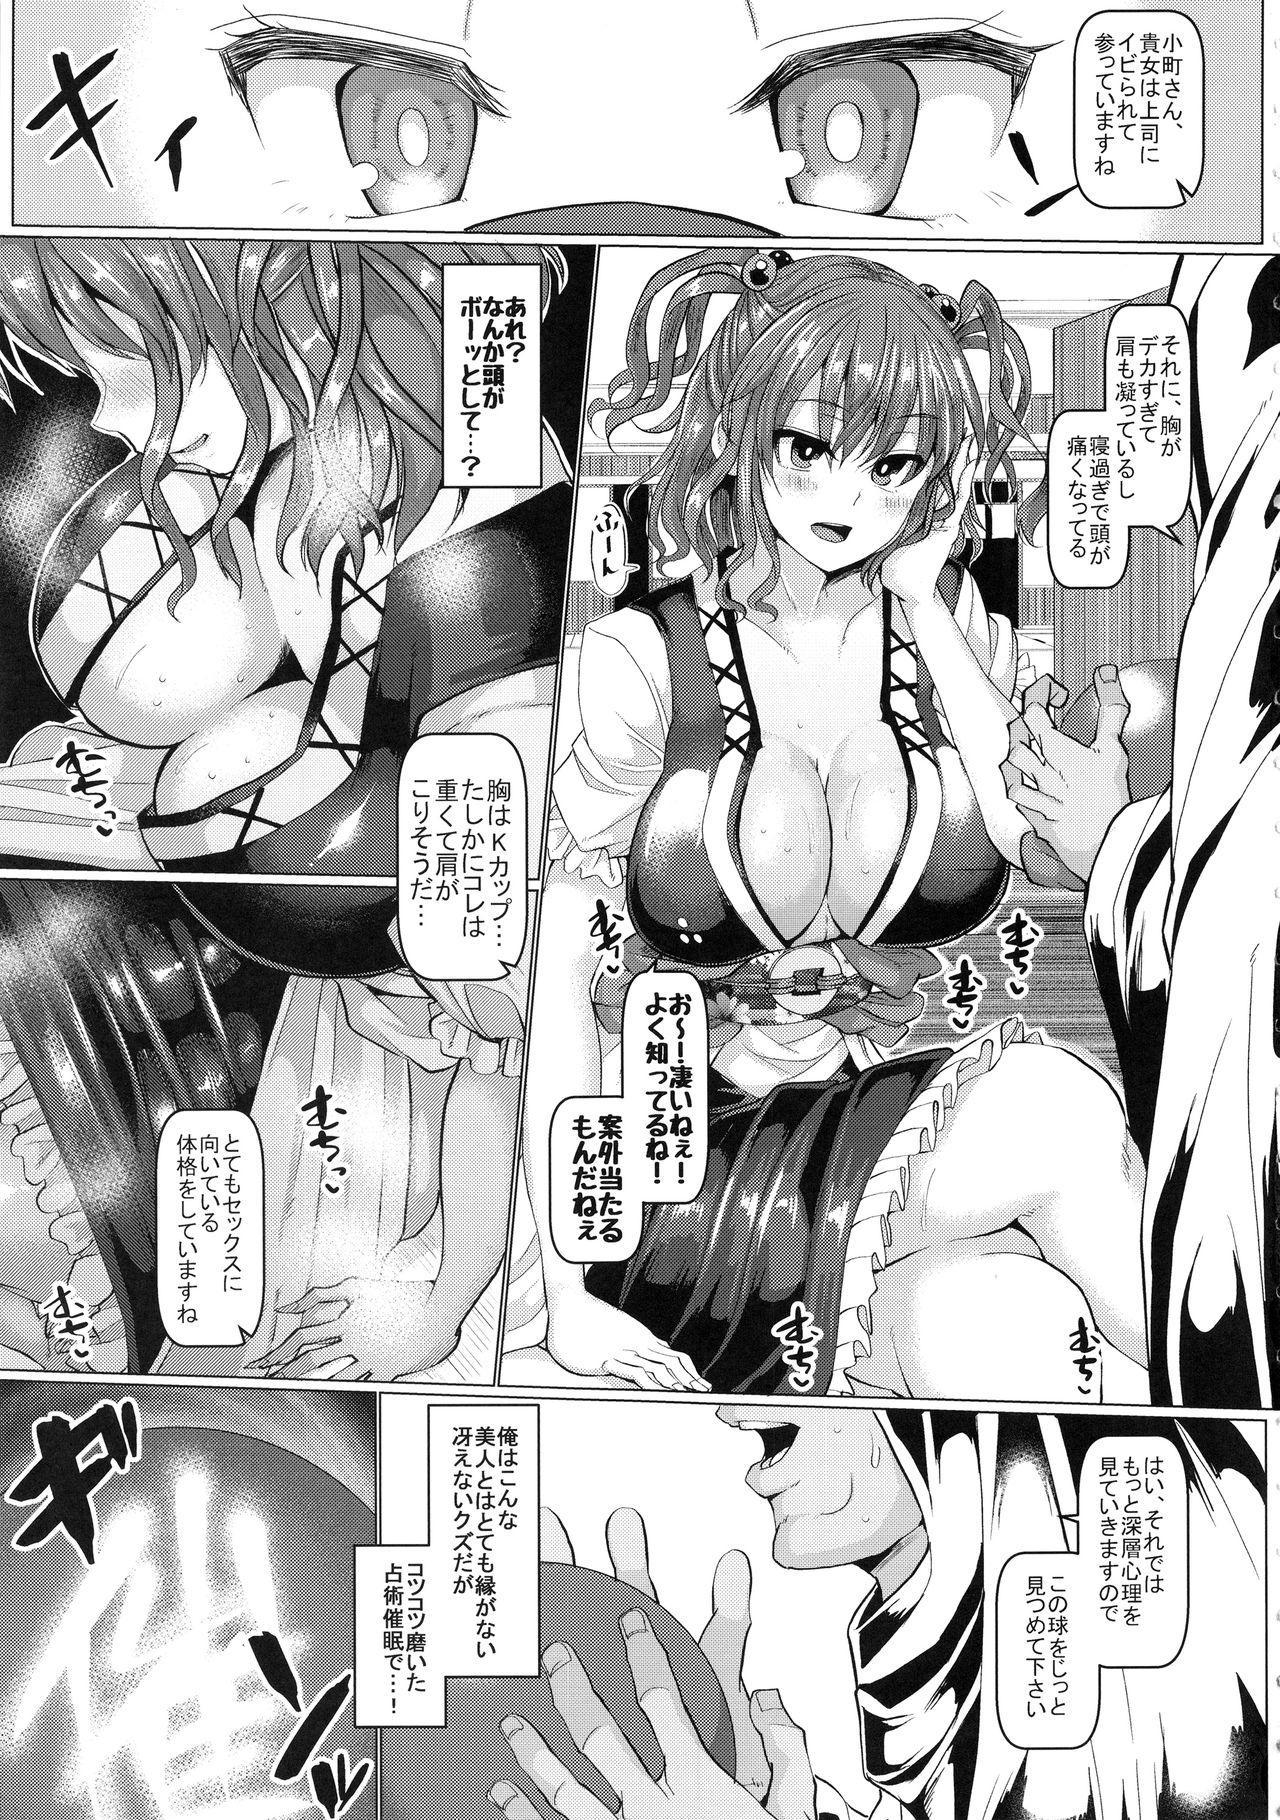 Saimin de Shinigami no Maso Mesu o Abake!! 4